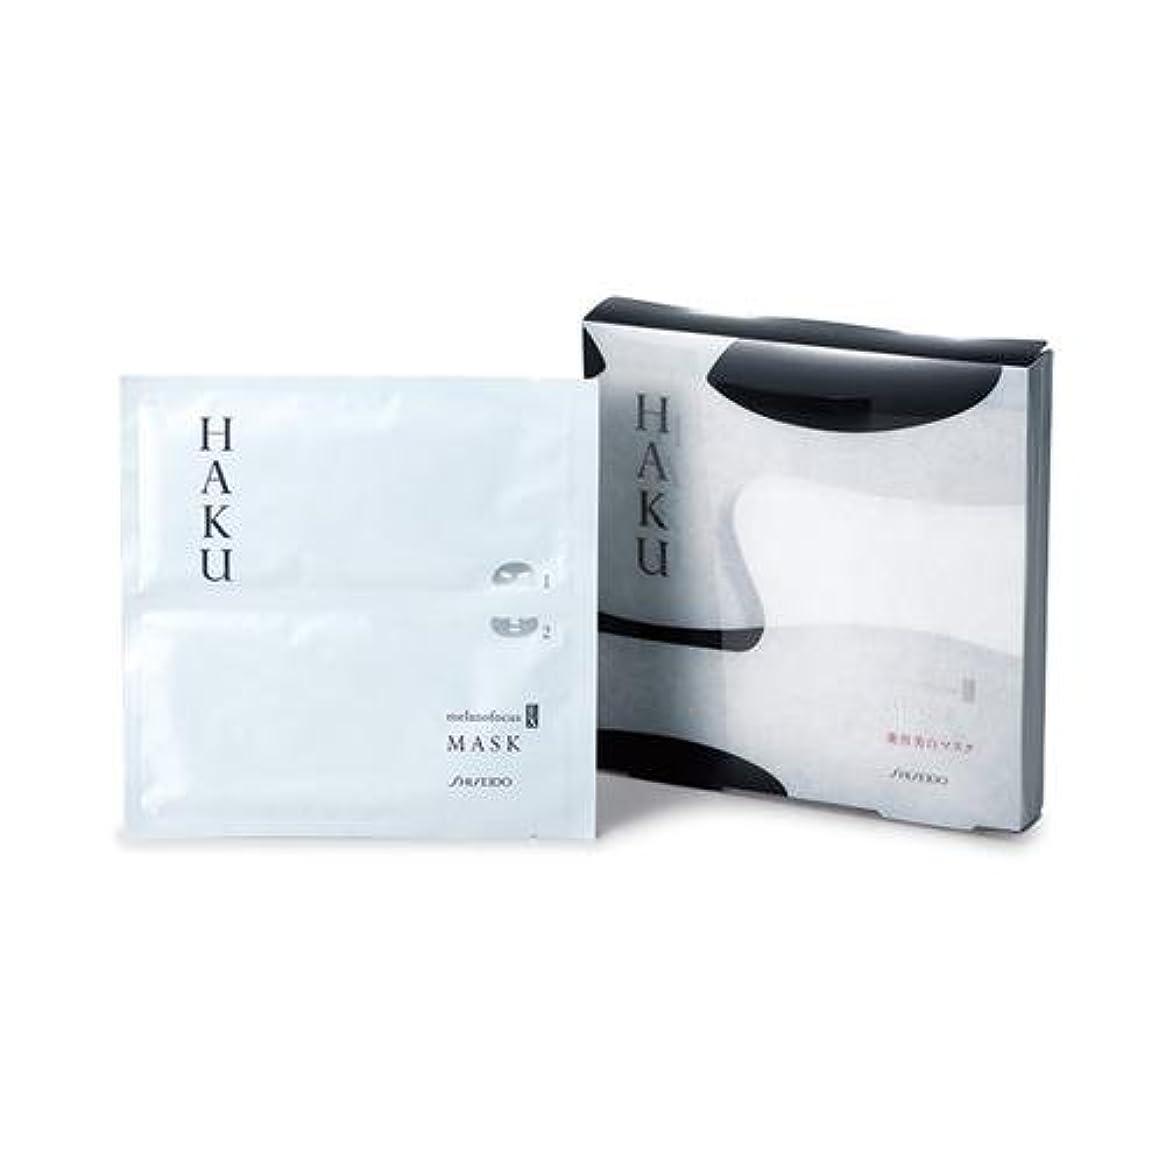 貫入他の場所にぎやか資生堂 HAKU メラノフォーカスEXマスク 30ml*6包入